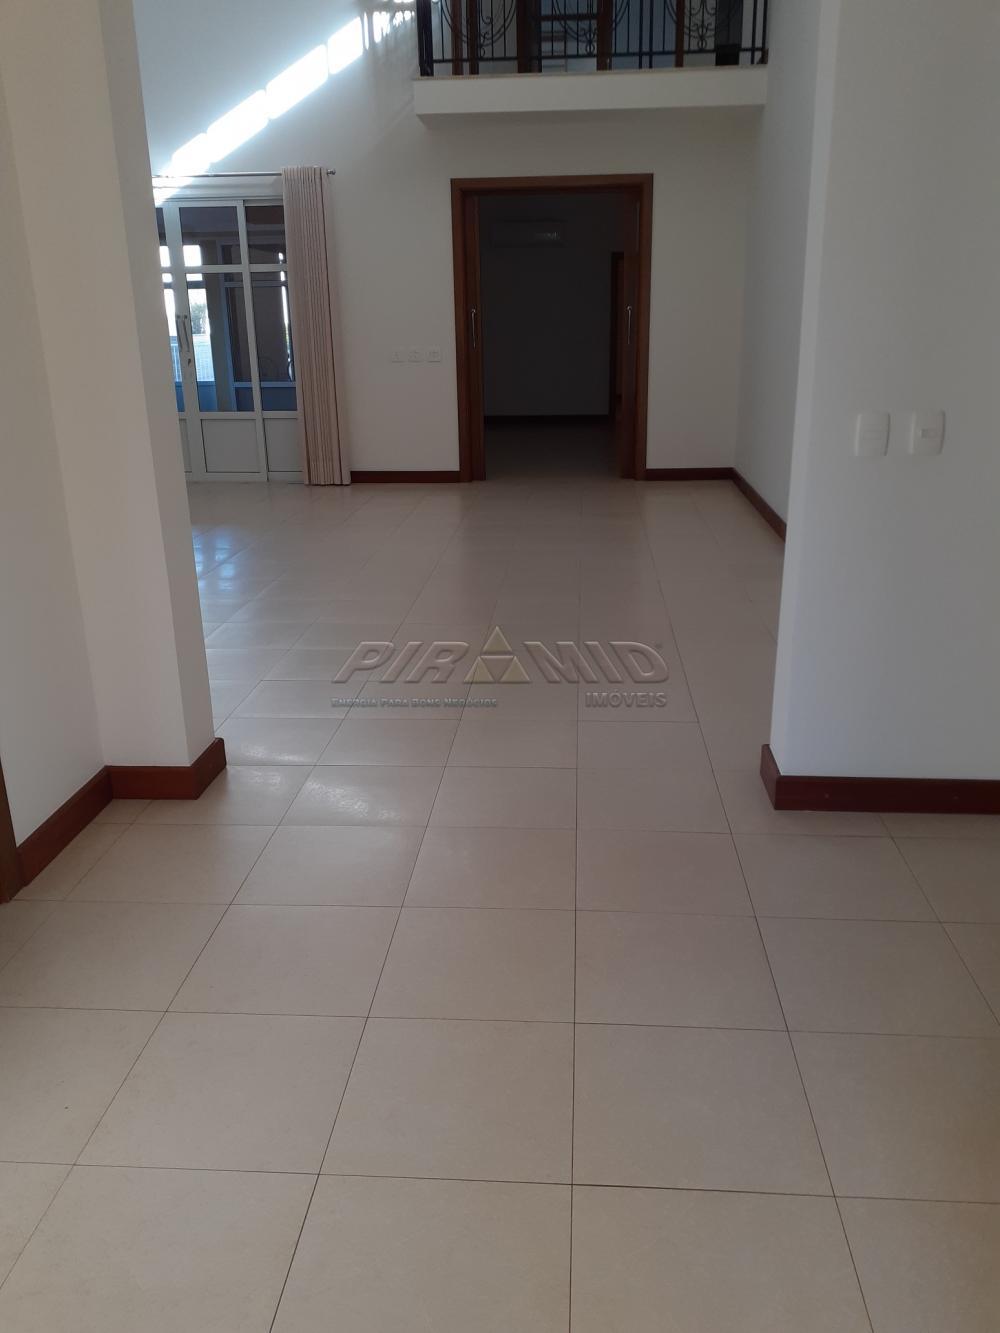 Comprar Casa / Condomínio em Ribeirão Preto apenas R$ 4.800.000,00 - Foto 3